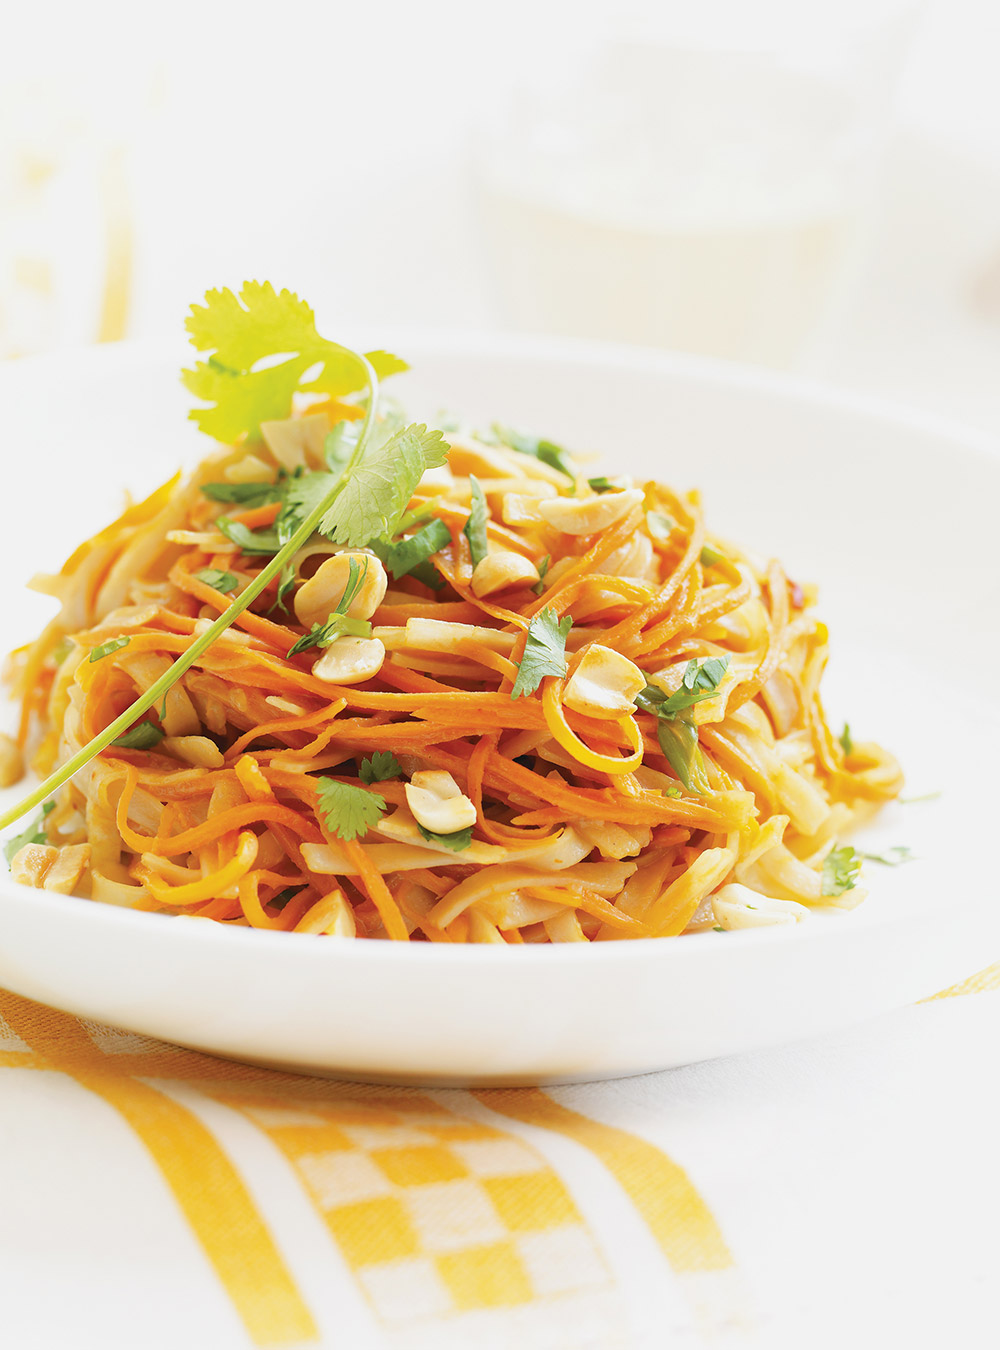 Nouilles asiatiques aux carottes, sauce aux arachides | ricardo